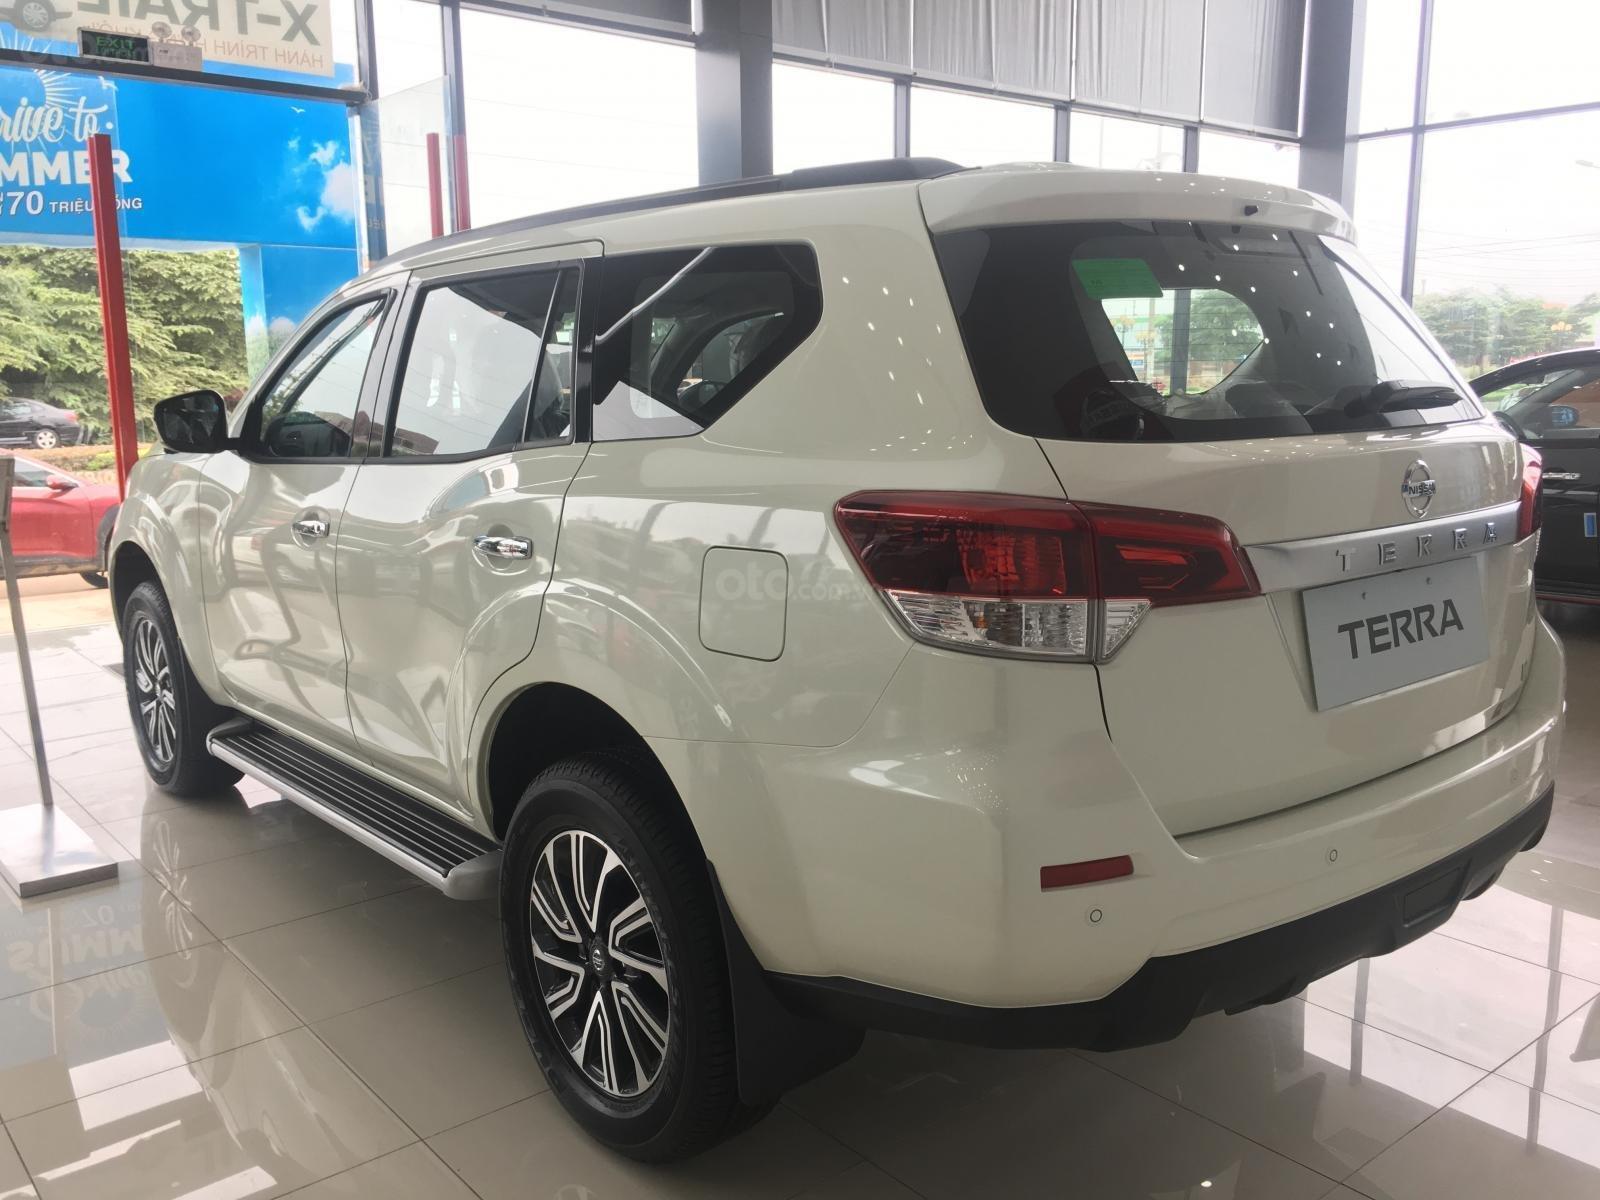 Bán xe Nissan Terra 2019, màu trắng, tại Vĩnh Phúc, Phú Thọ-8